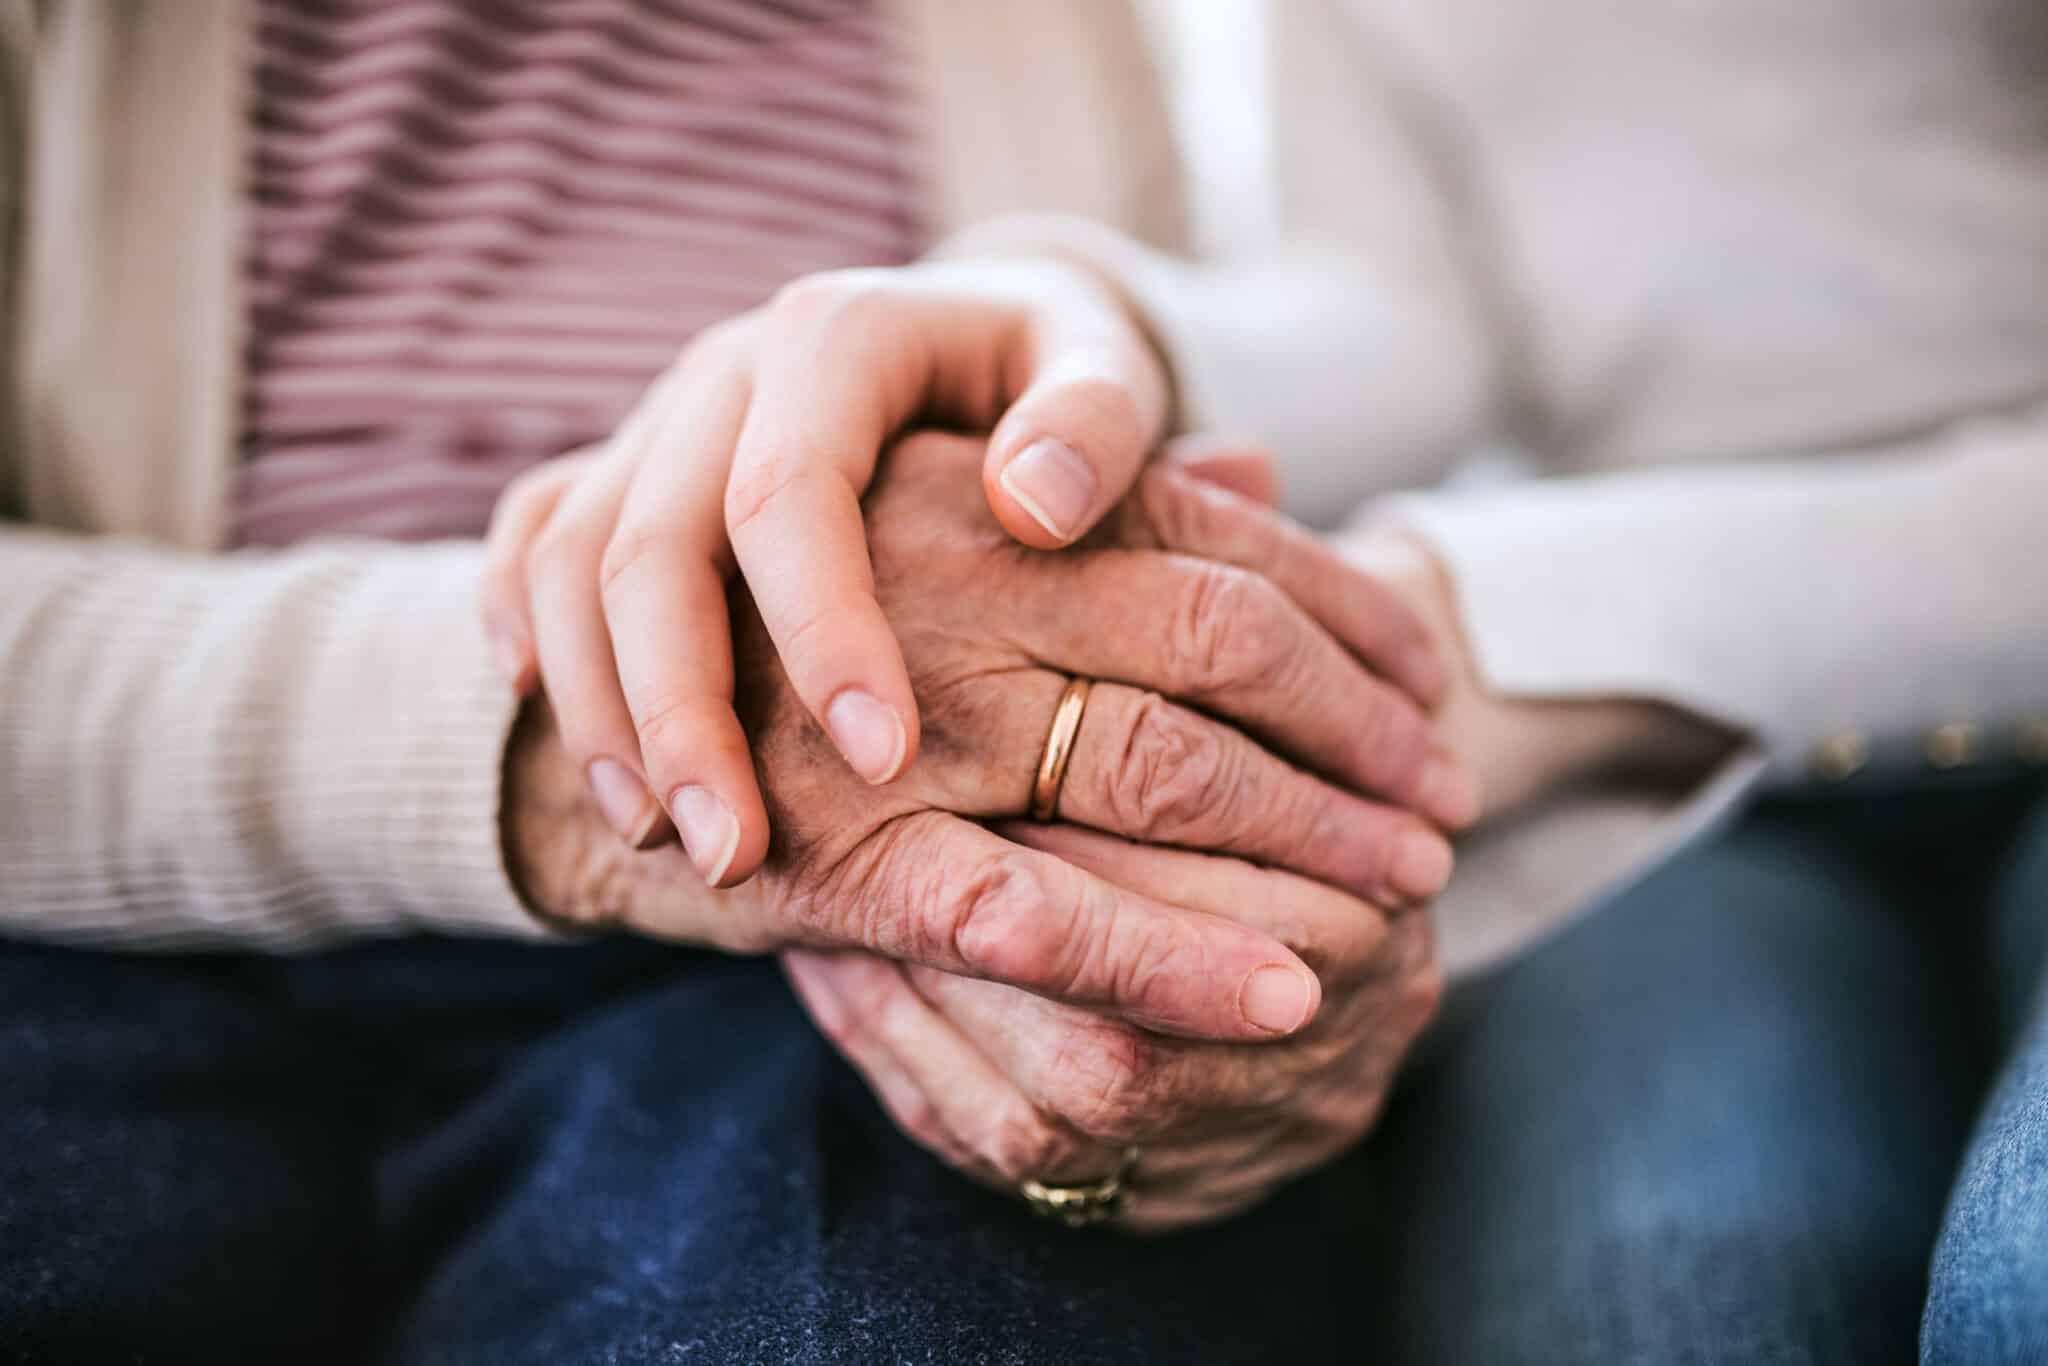 personne âgée lien social bie-être